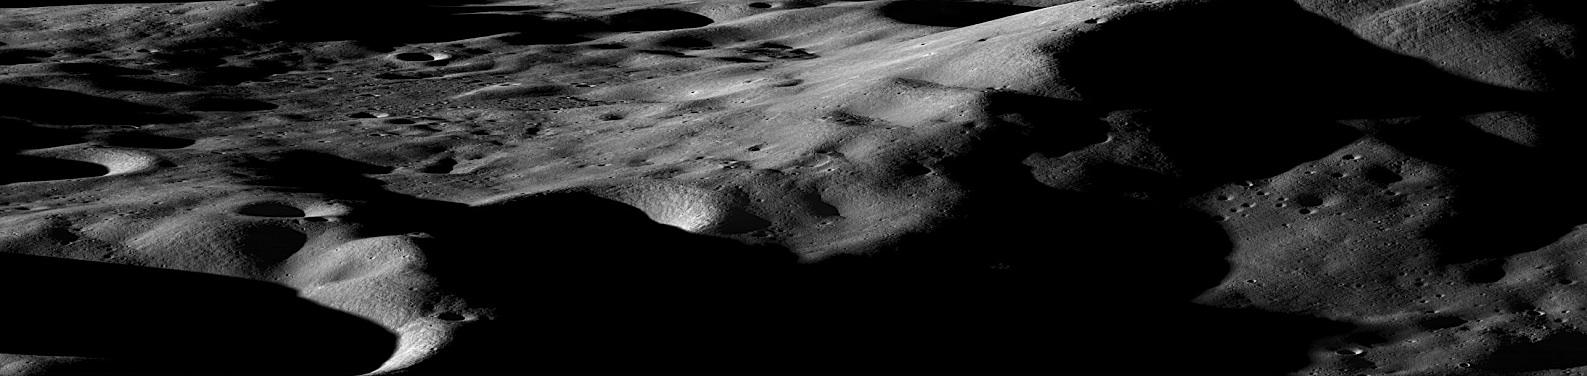 Nouvelles de la mission LRO (Lunar Reconnaissance Orbiter) 463883main_LRO_Mountains